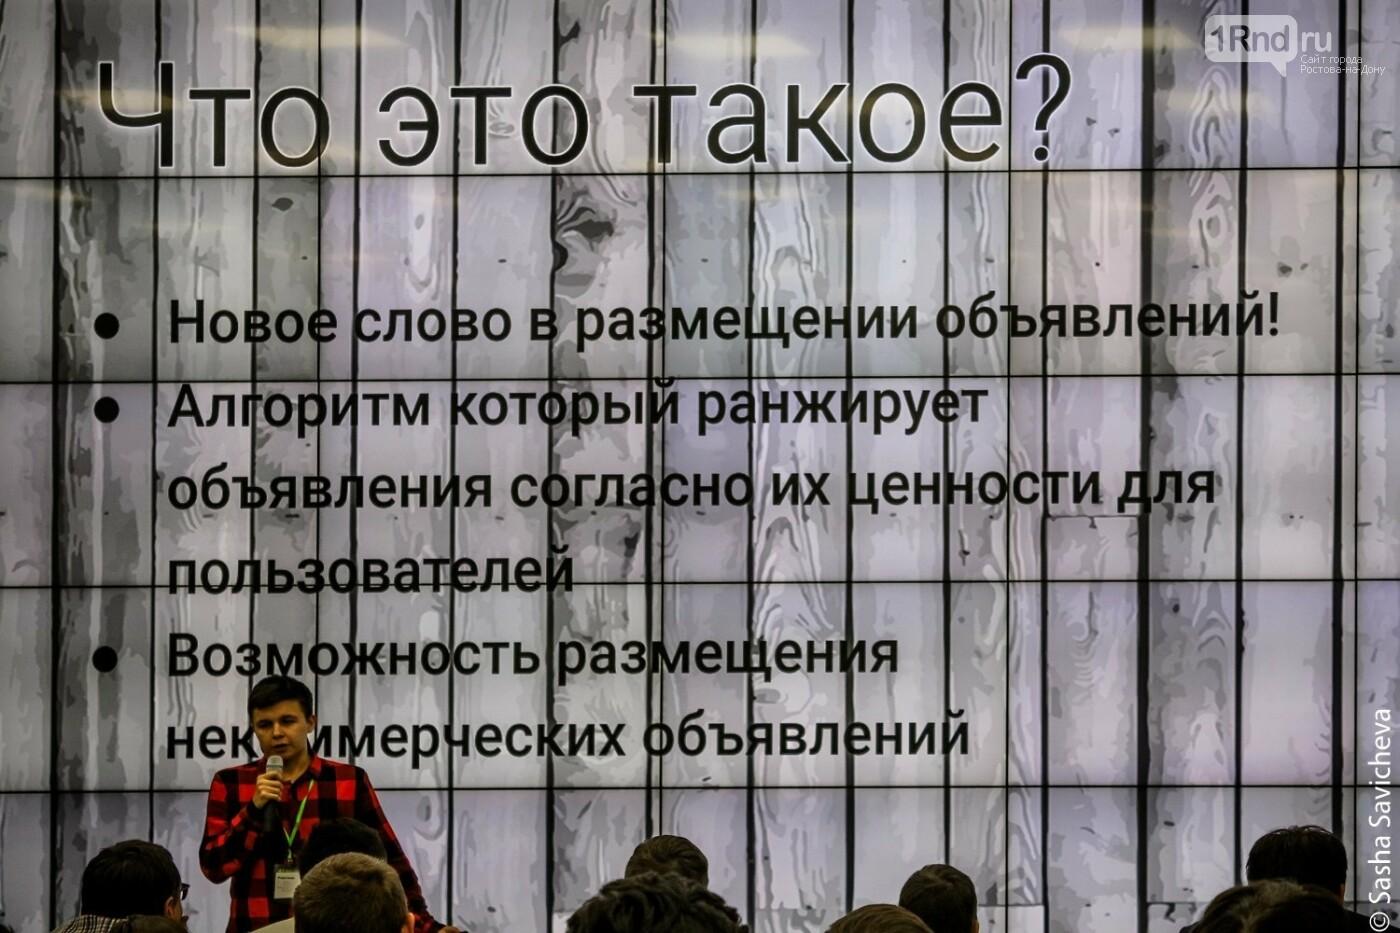 Фото: Саша Савичева / 1rnd.ru